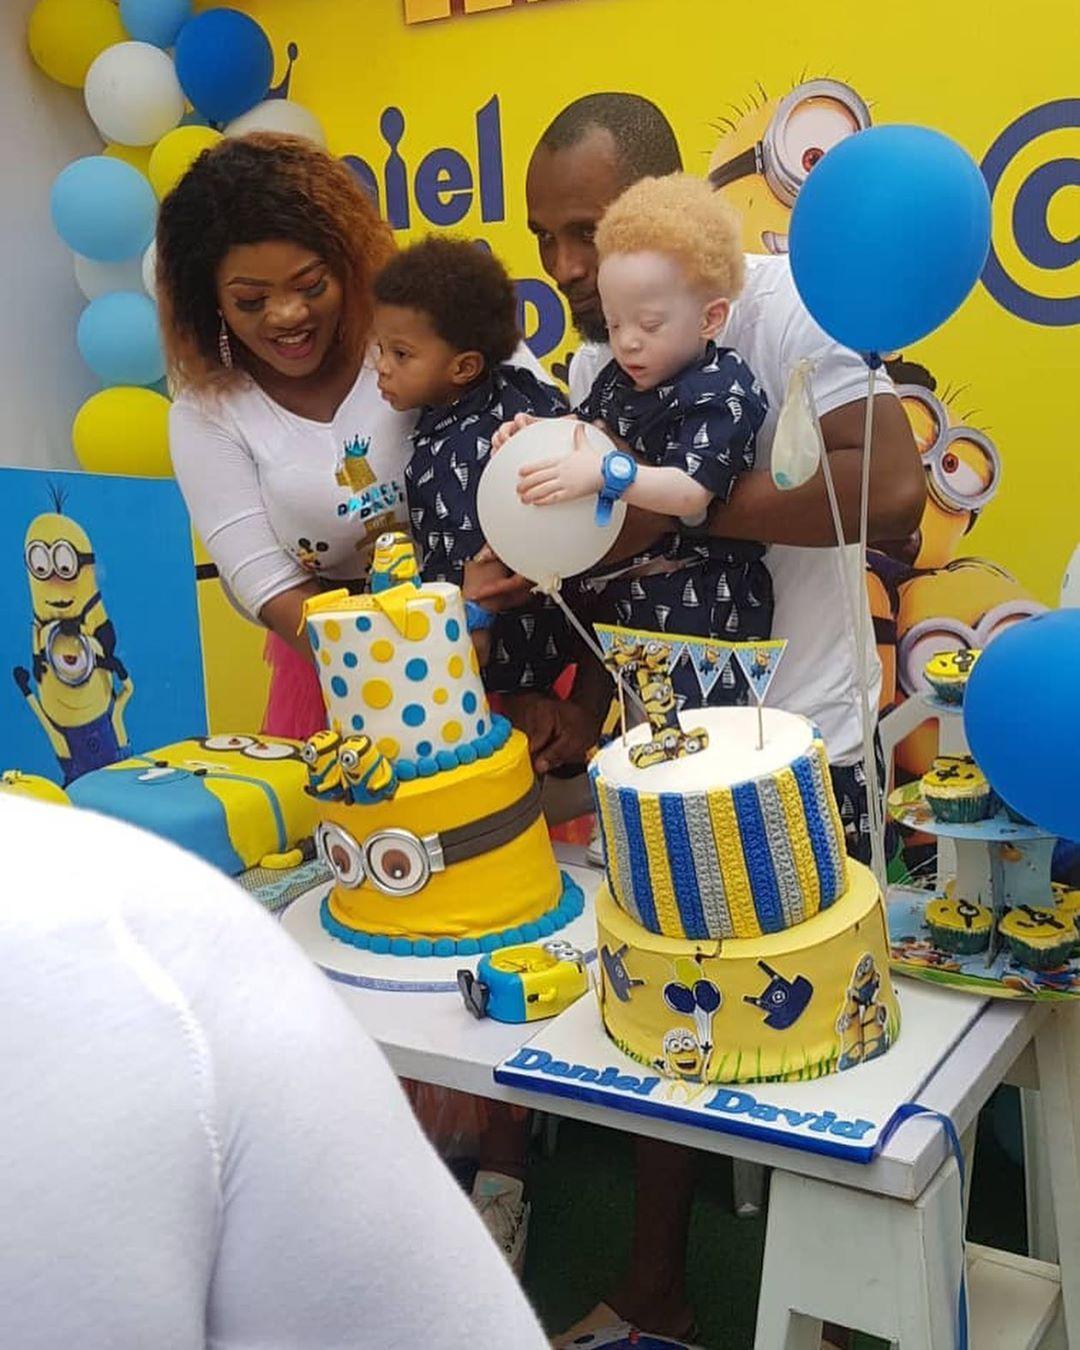 Casal nigeriano tem filhos gêmeos, um deles branco, e causam supresa nas redes sociais - Papo de Pai